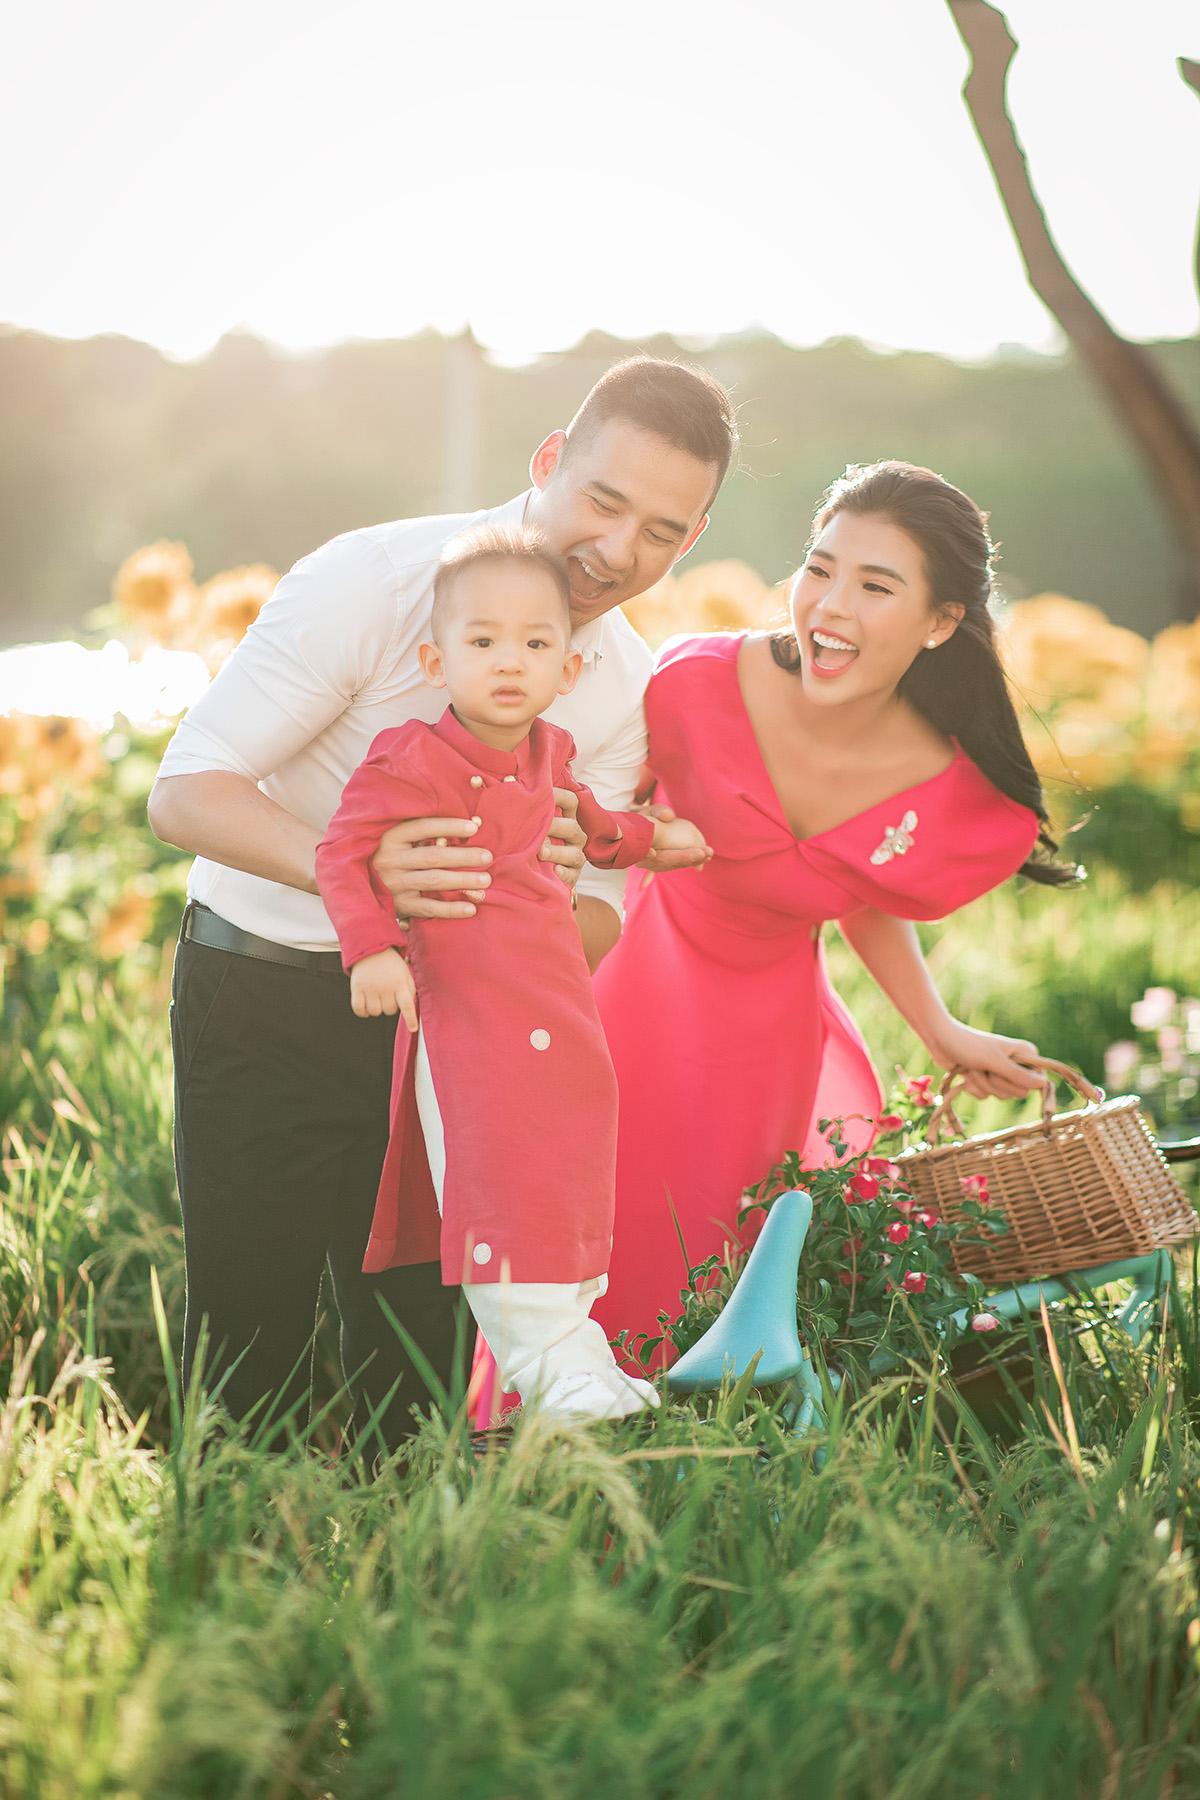 Tranh thủ những ngày nghỉ Tết Nguyên đán quý giá, gia đình Lương Thế Thành và Thuý Diễm đã ghi lại những khoảnh khắc đầy hạnh phúc với con trai Bảo Bảo.